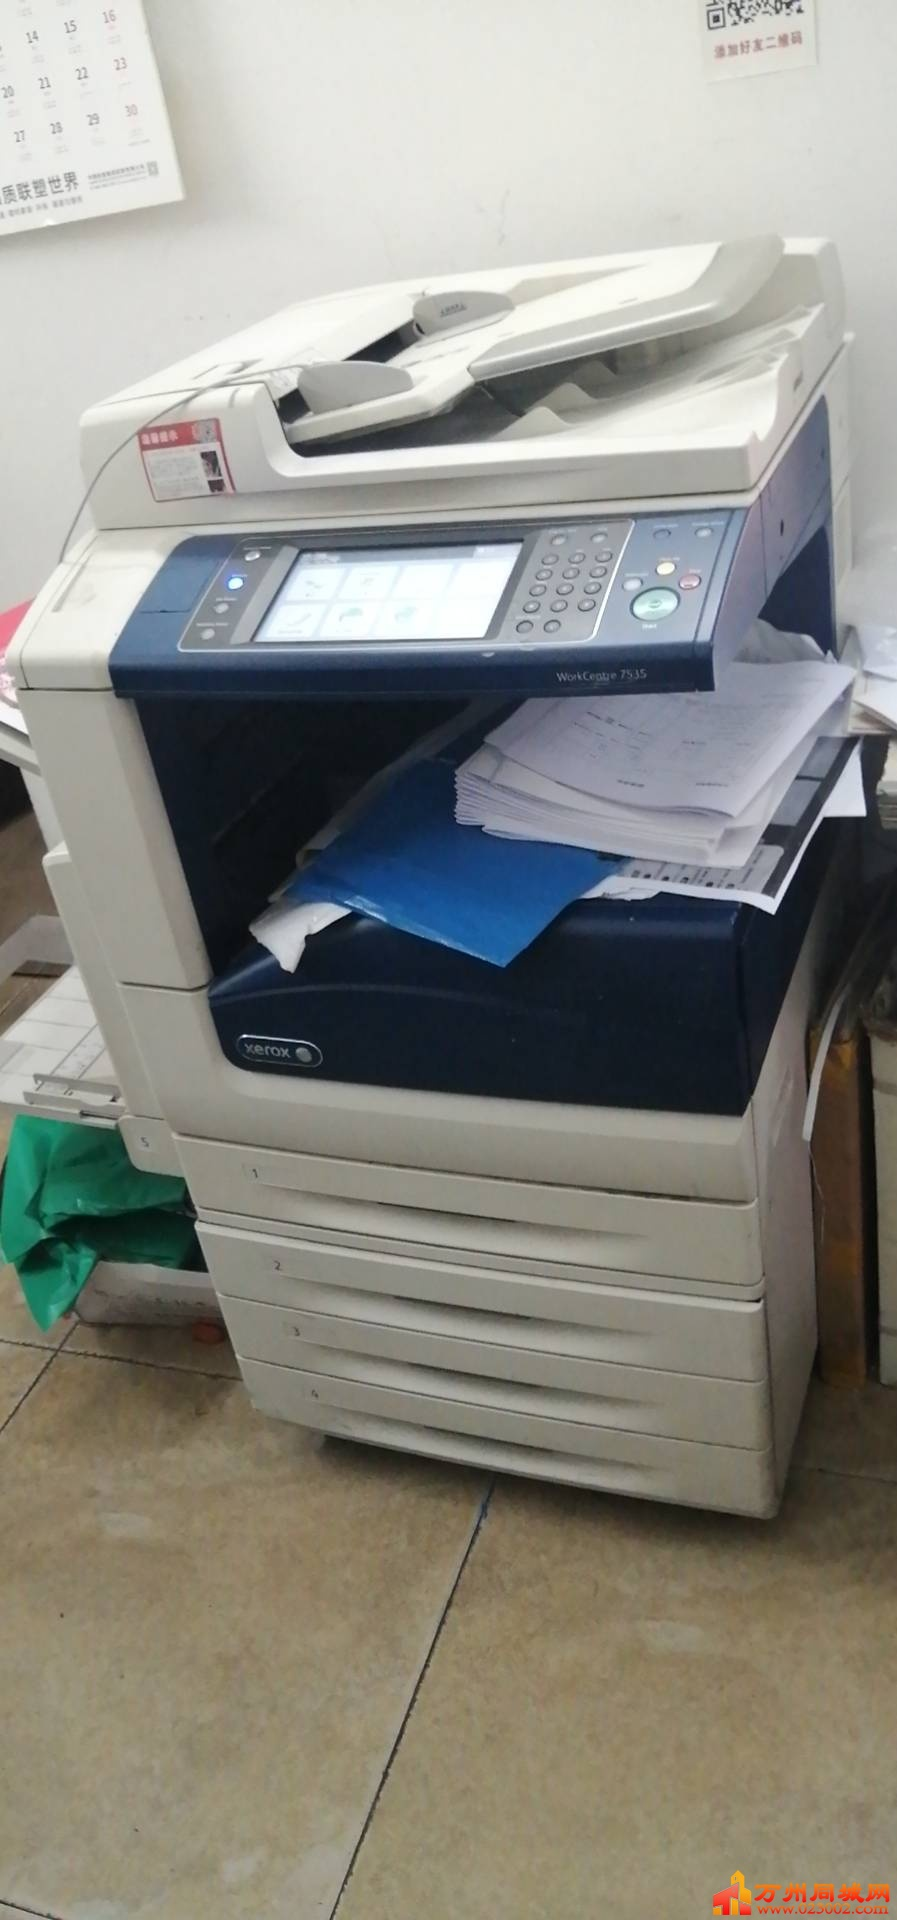 闲置施乐7535激光彩色打印复印机出售